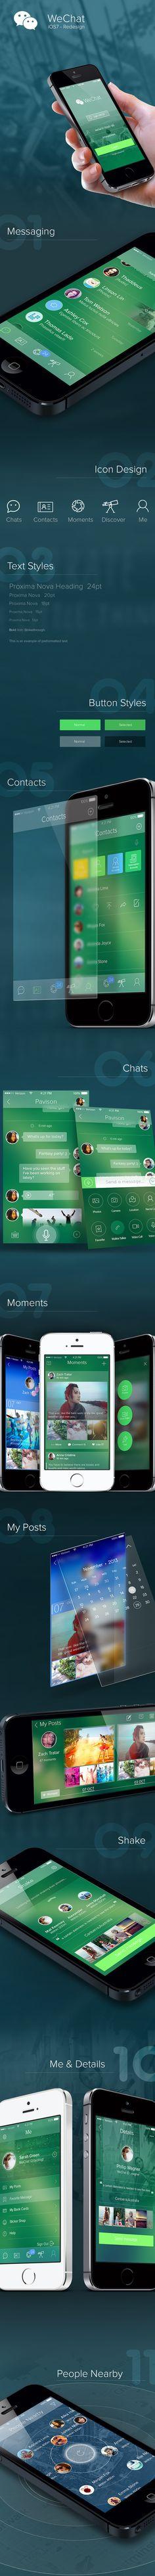 微信iOS7 概念设计